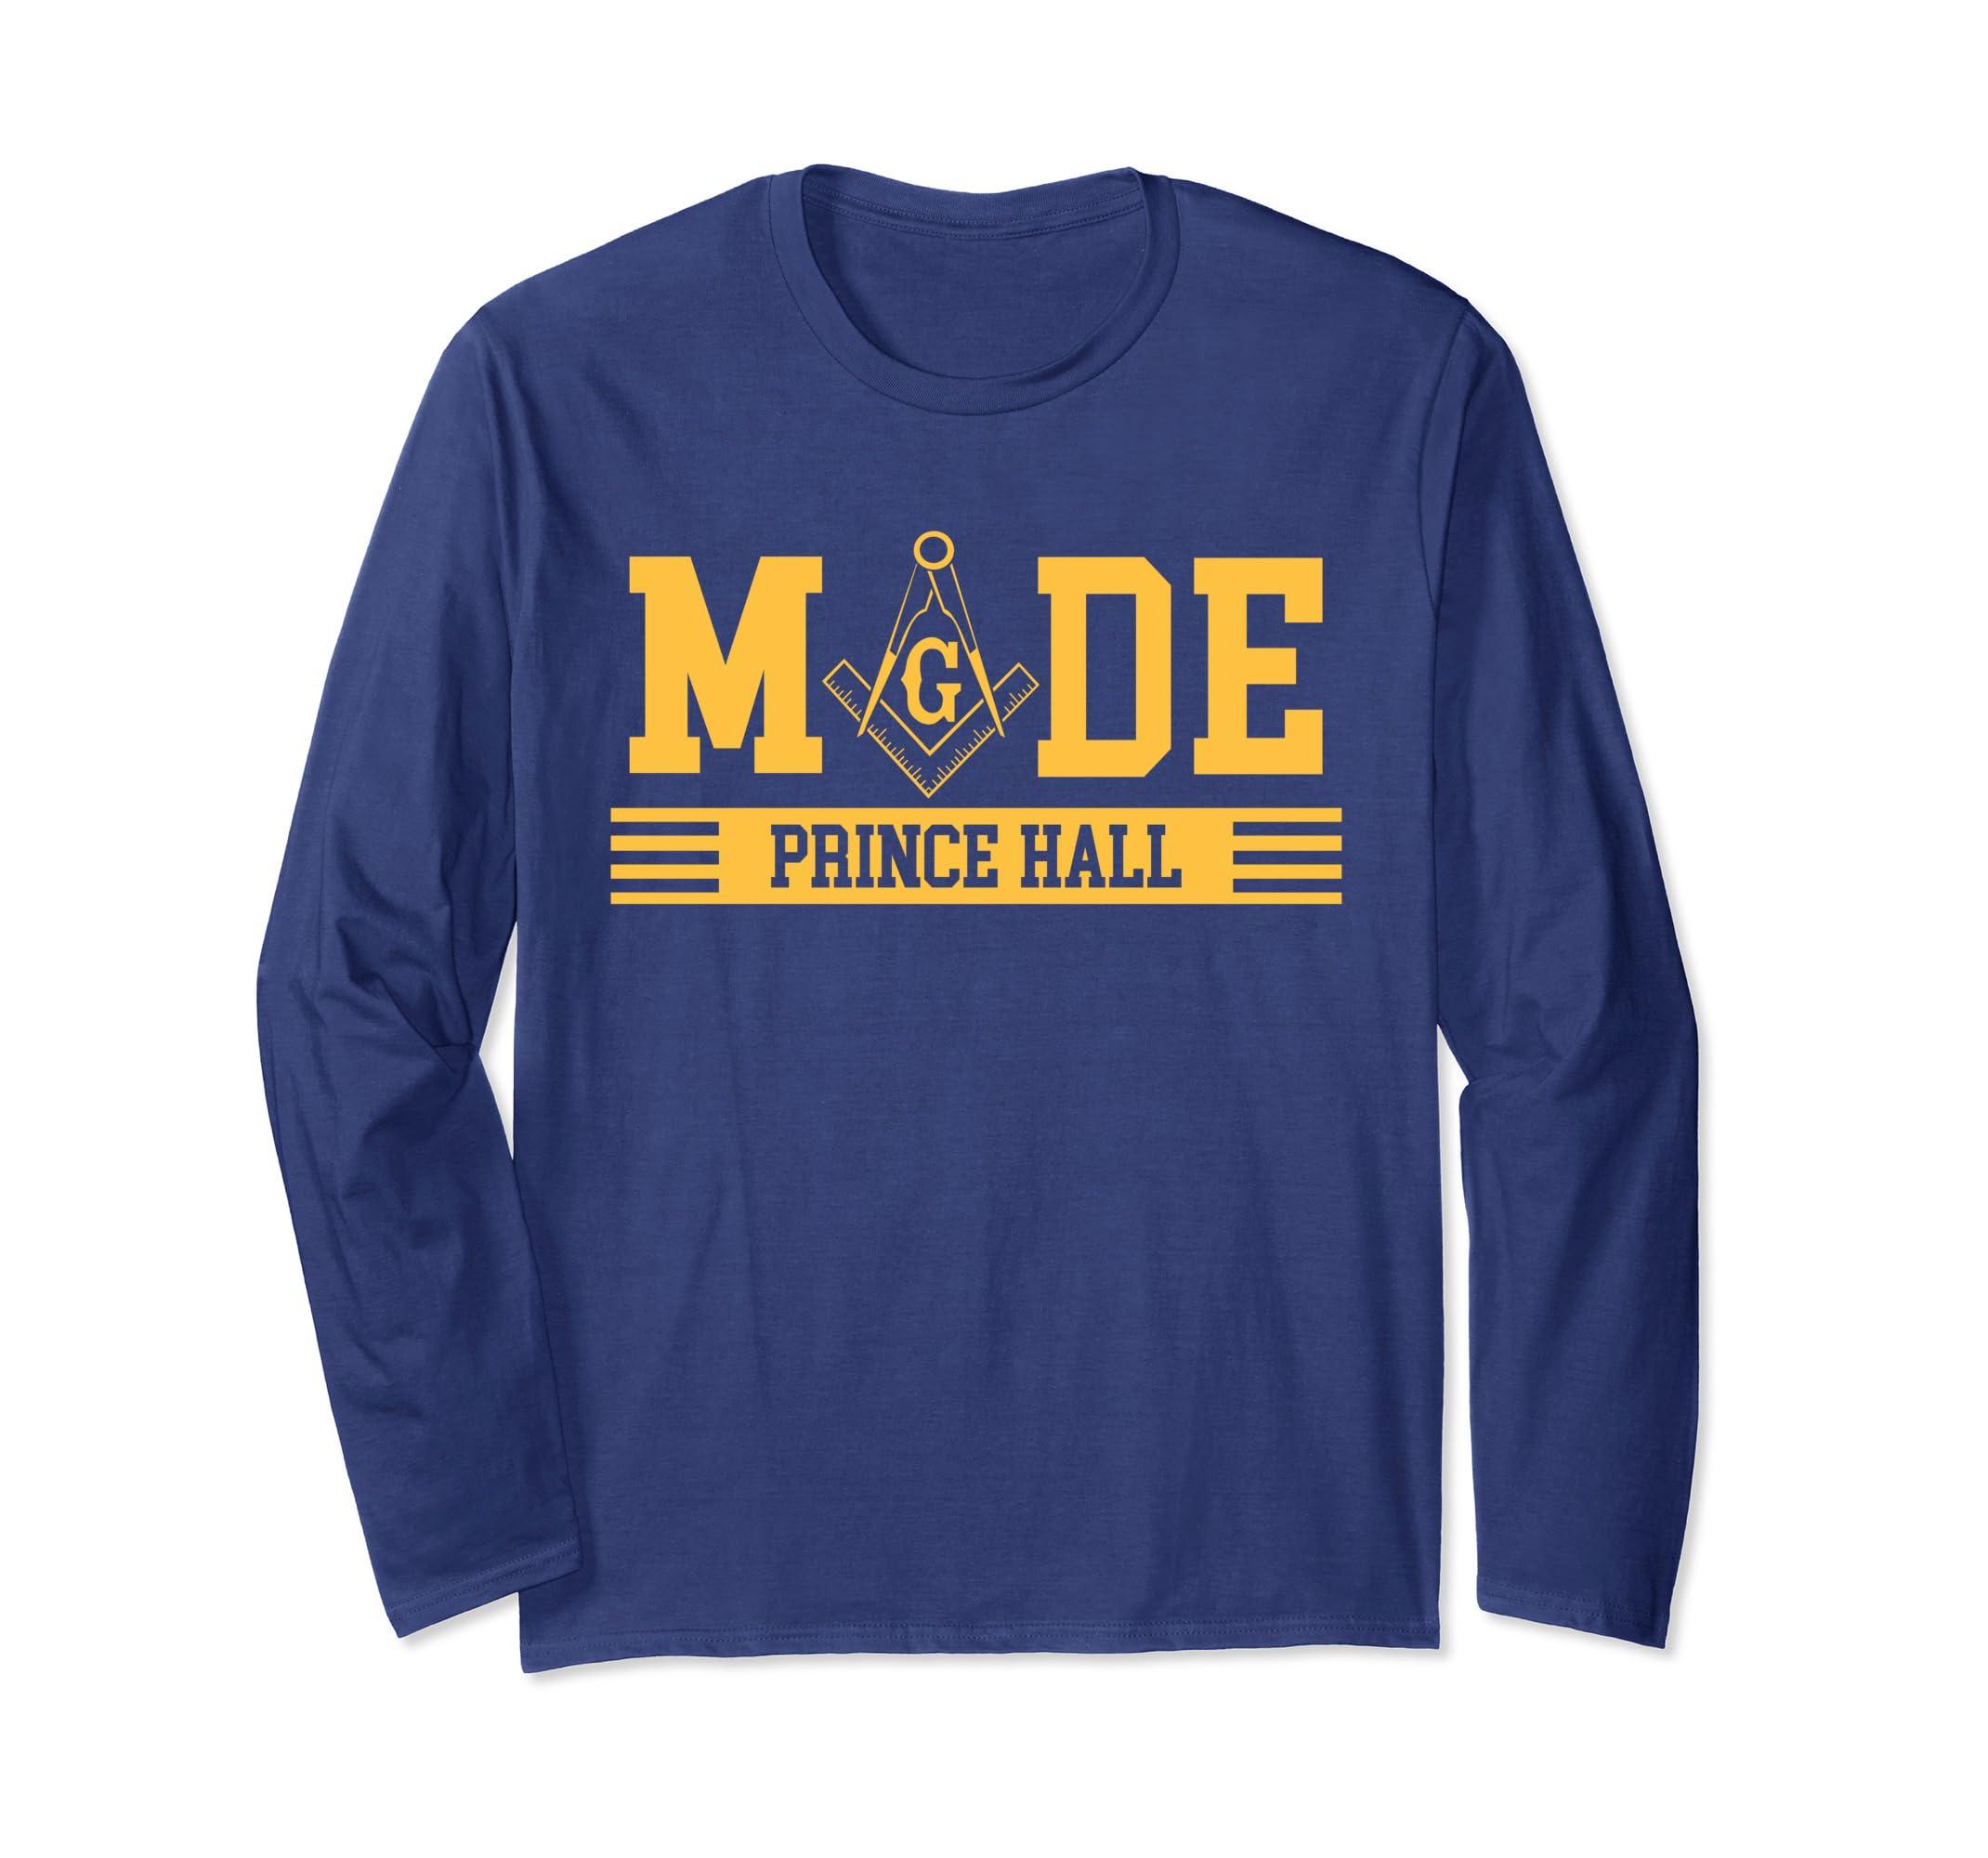 Amazon com: Freemason- MADE PRINCE HALL Long Sleeve T-Shirt Gift